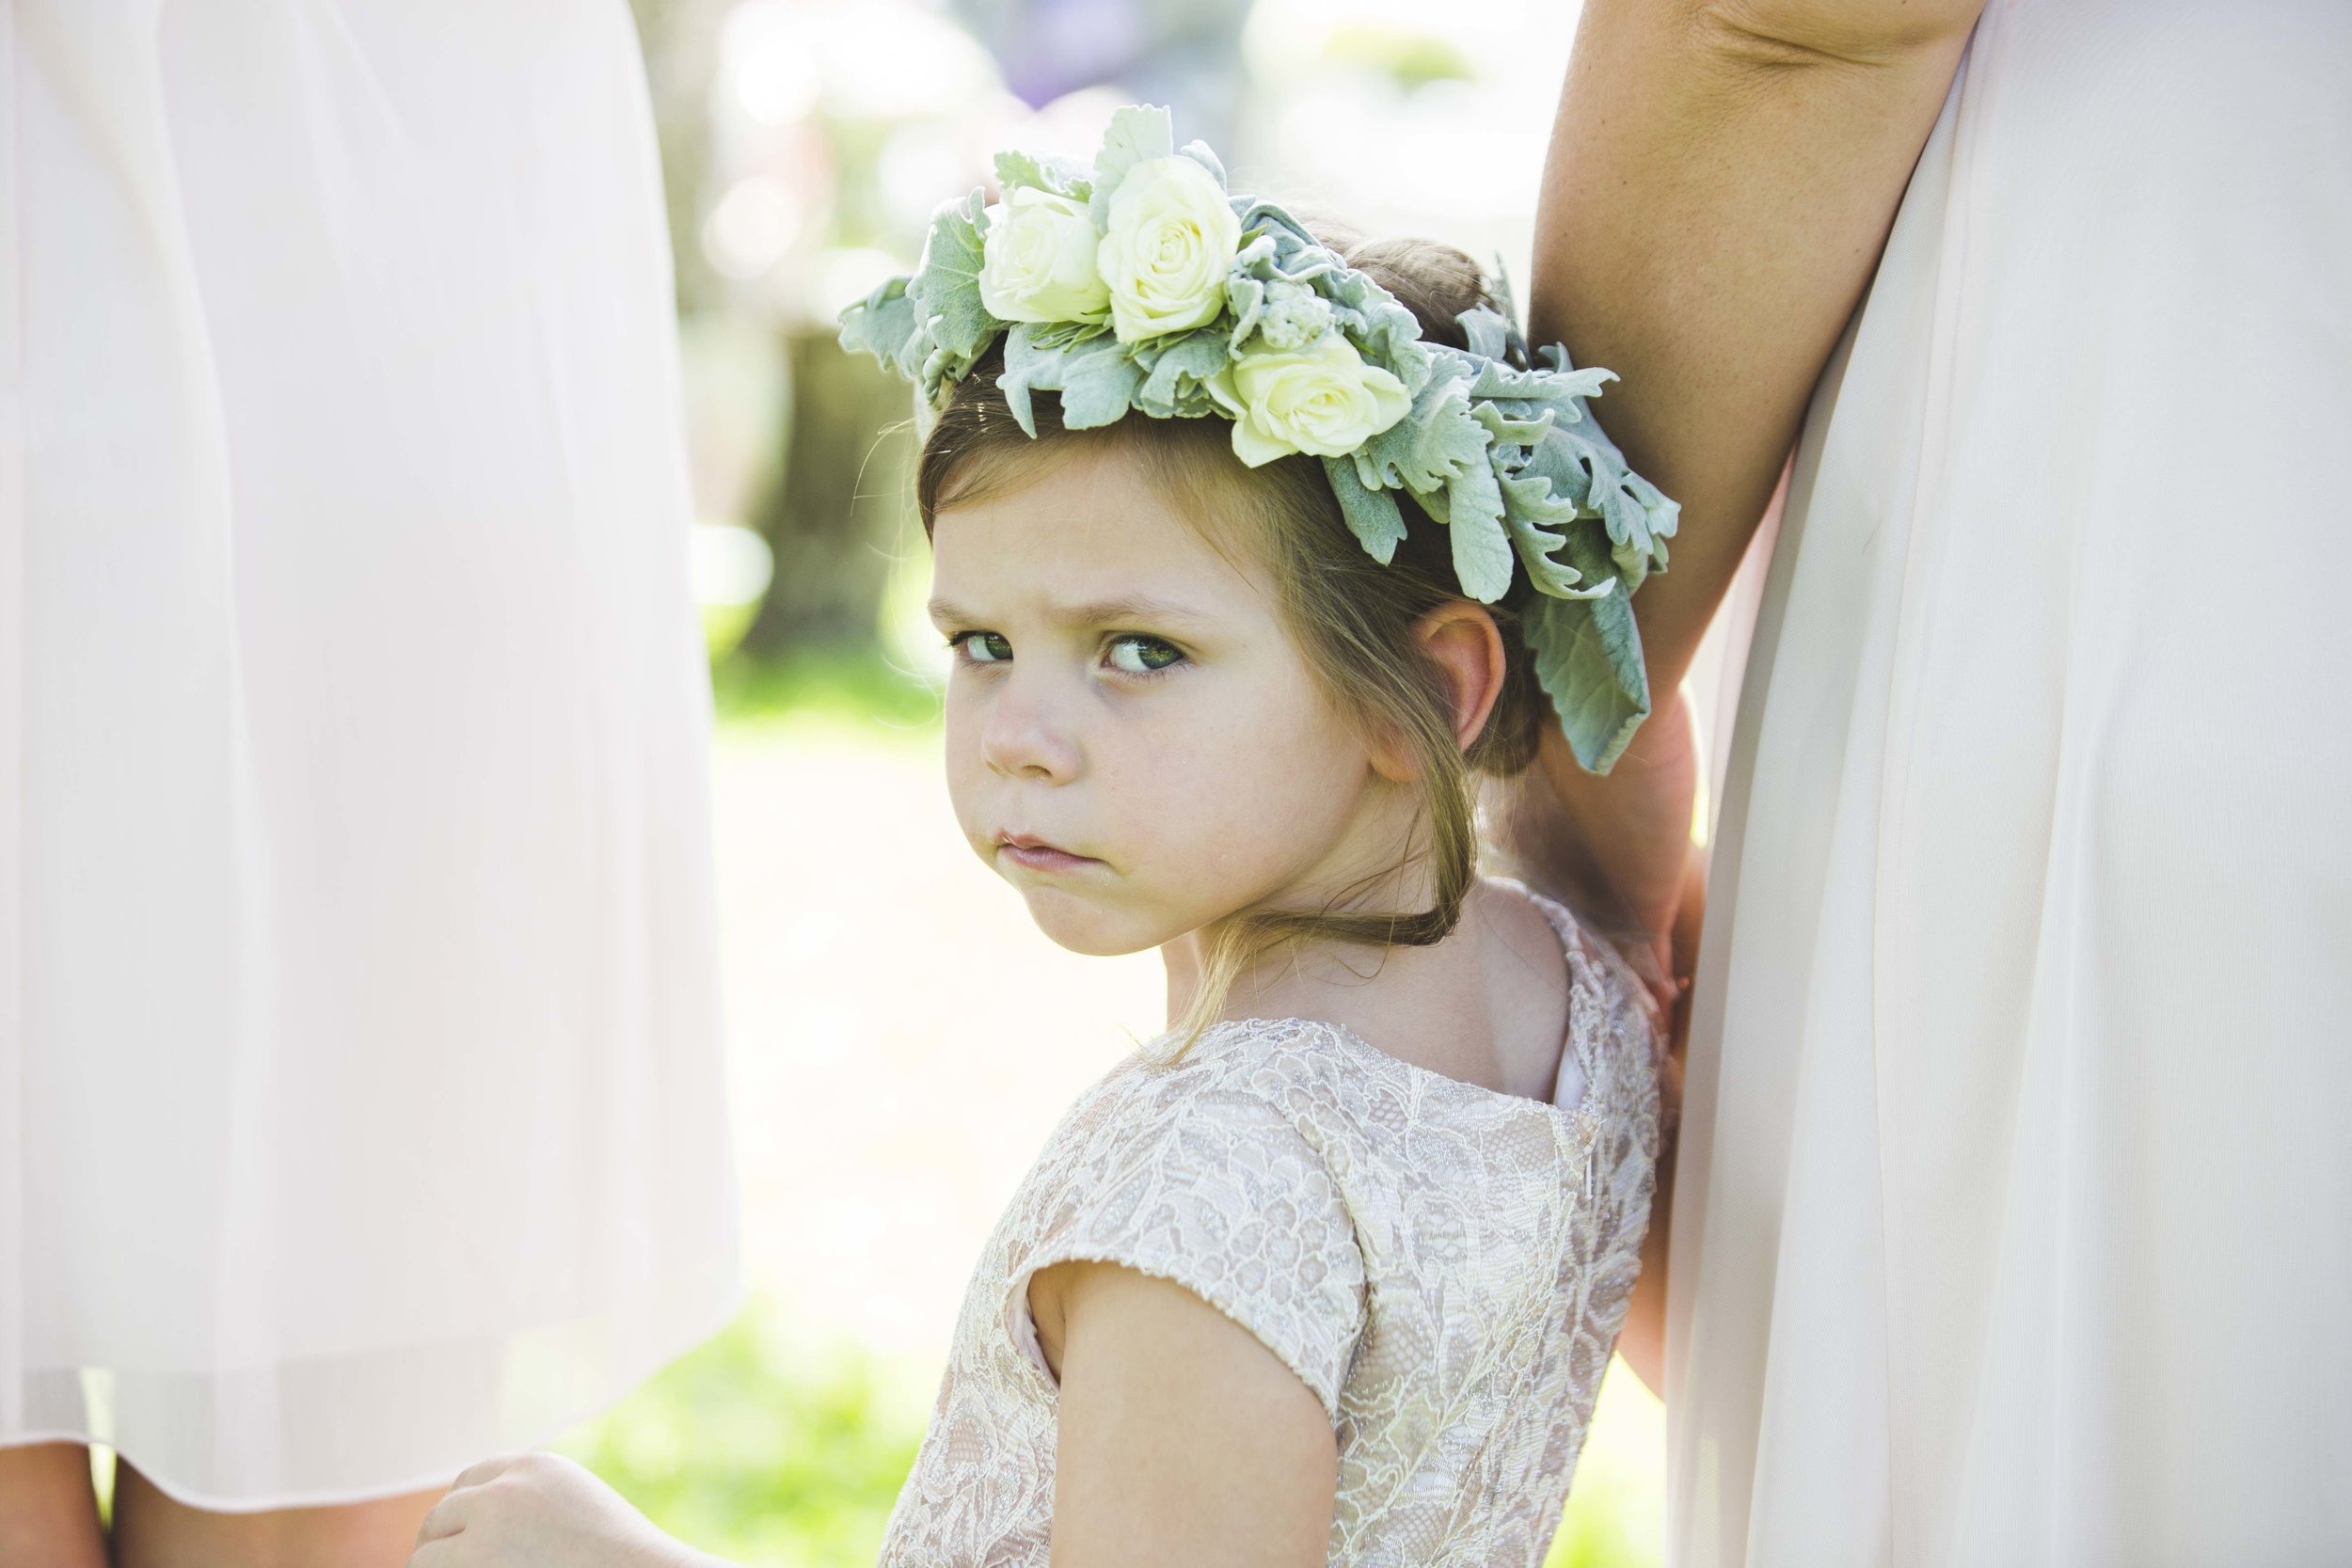 ATGI_Susanna & Matt Wedding_717A7671.jpg